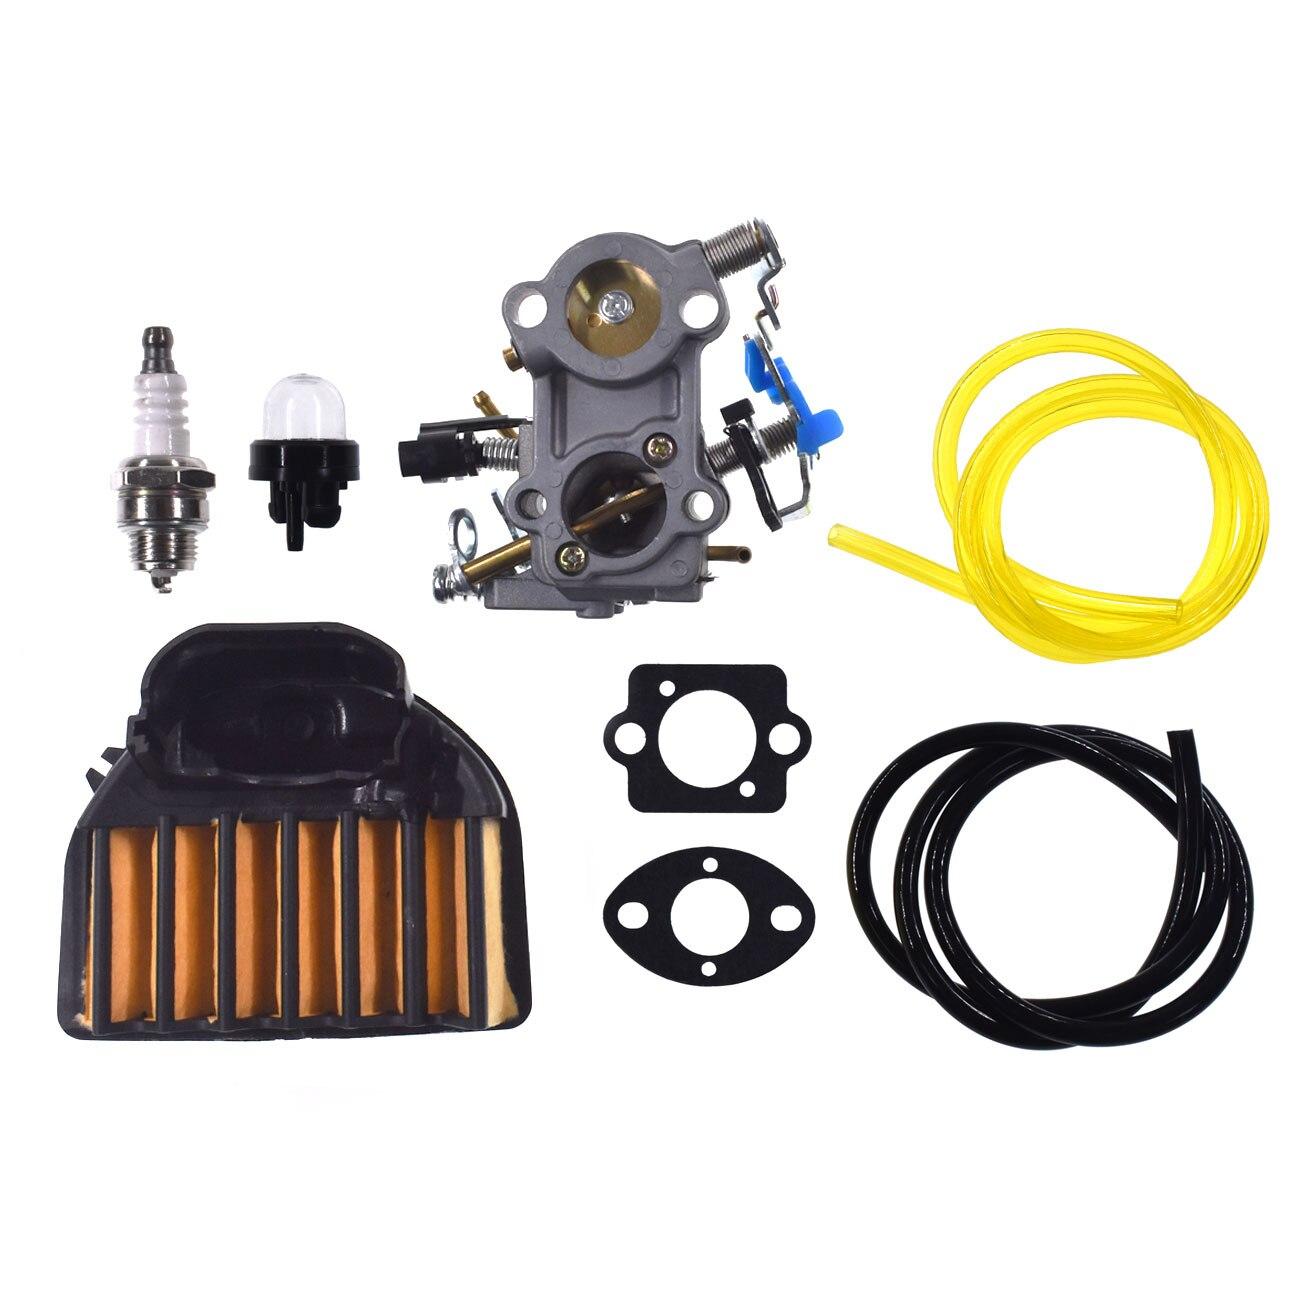 Carburetor for Husqvarna 455 455E 460 Chainsaws 544883001 544227401 WTA29 Carb